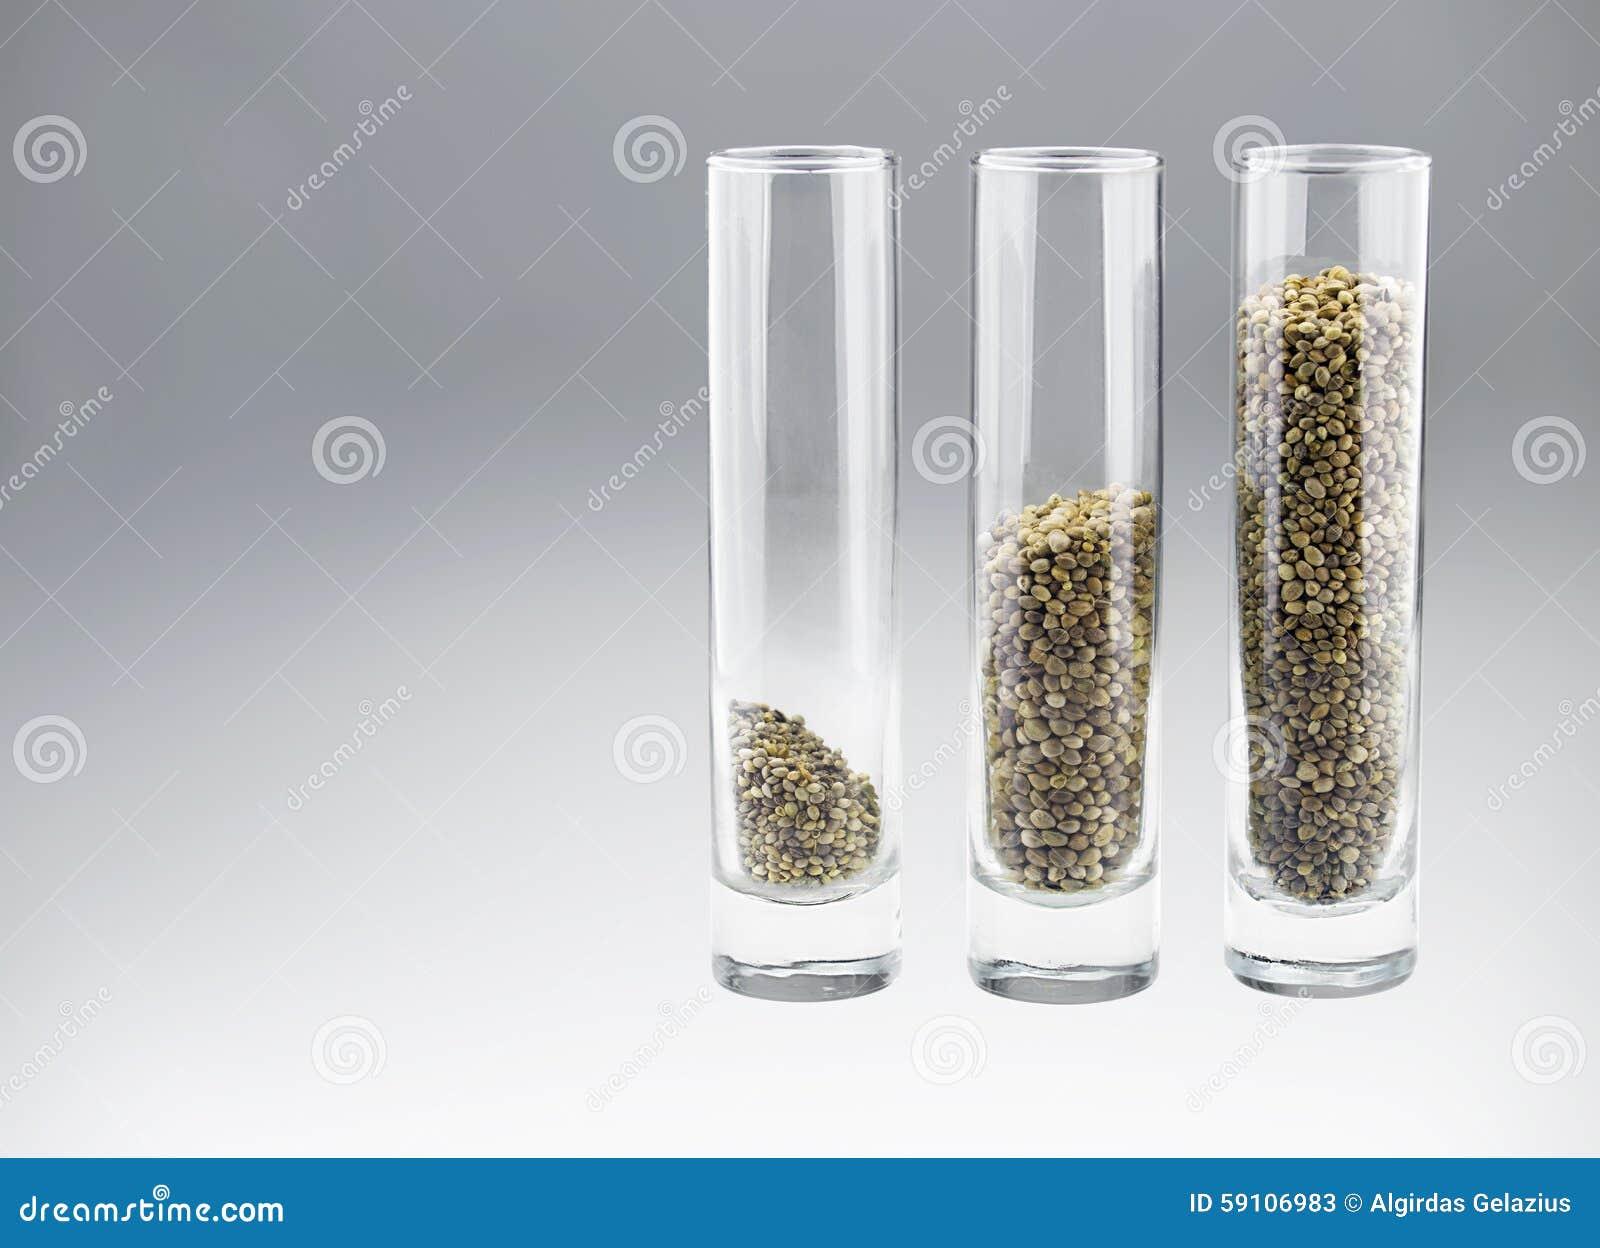 与三的三块玻璃大麻籽